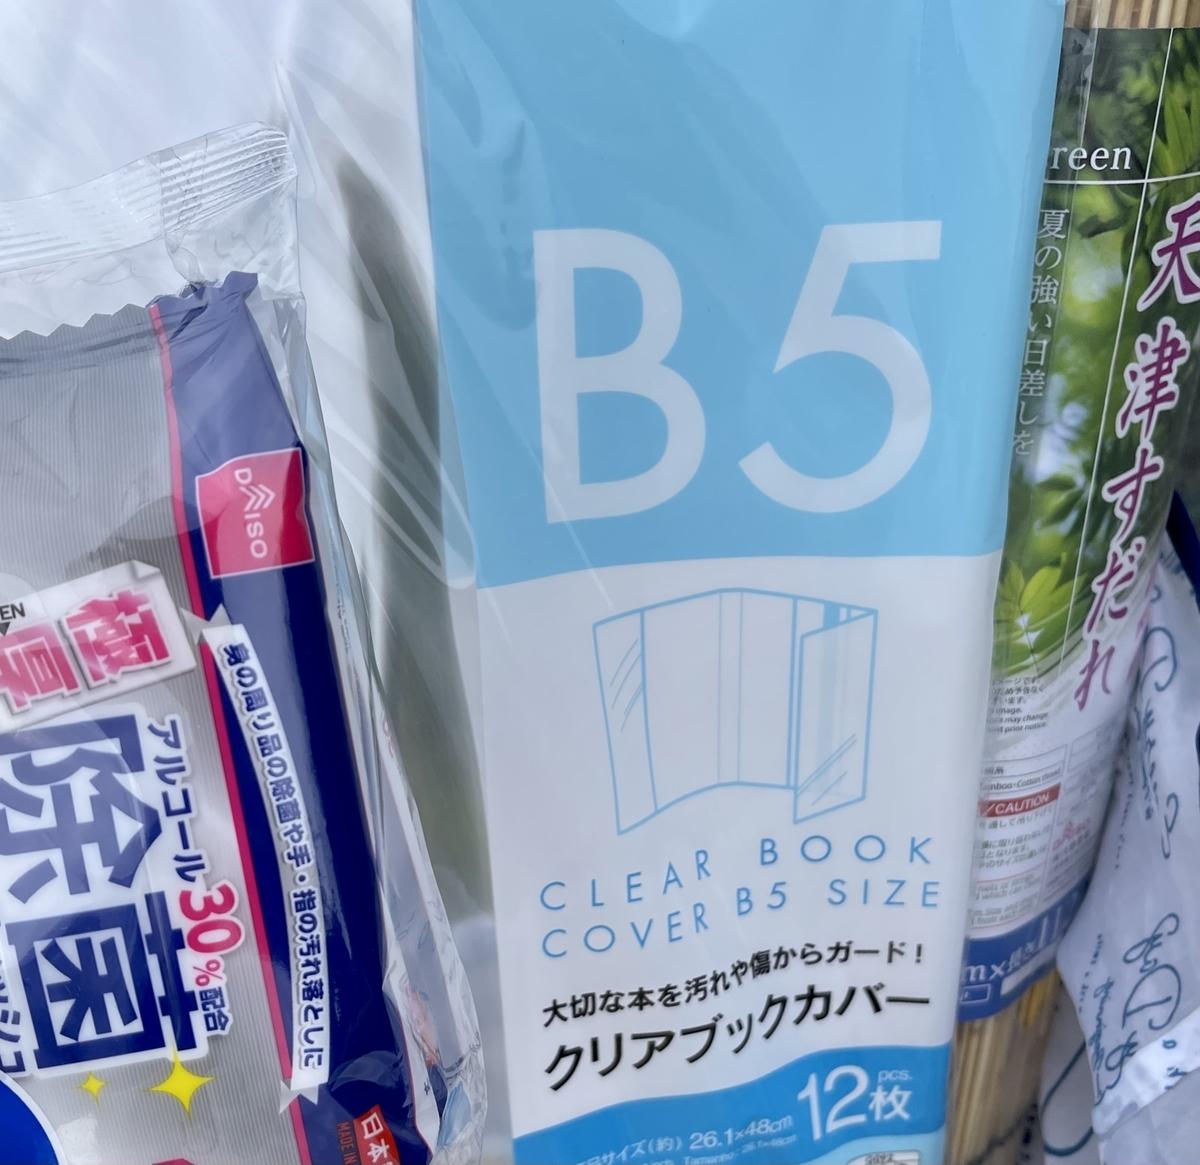 f:id:hideaki_kawahara:20210714213657j:plain:w320